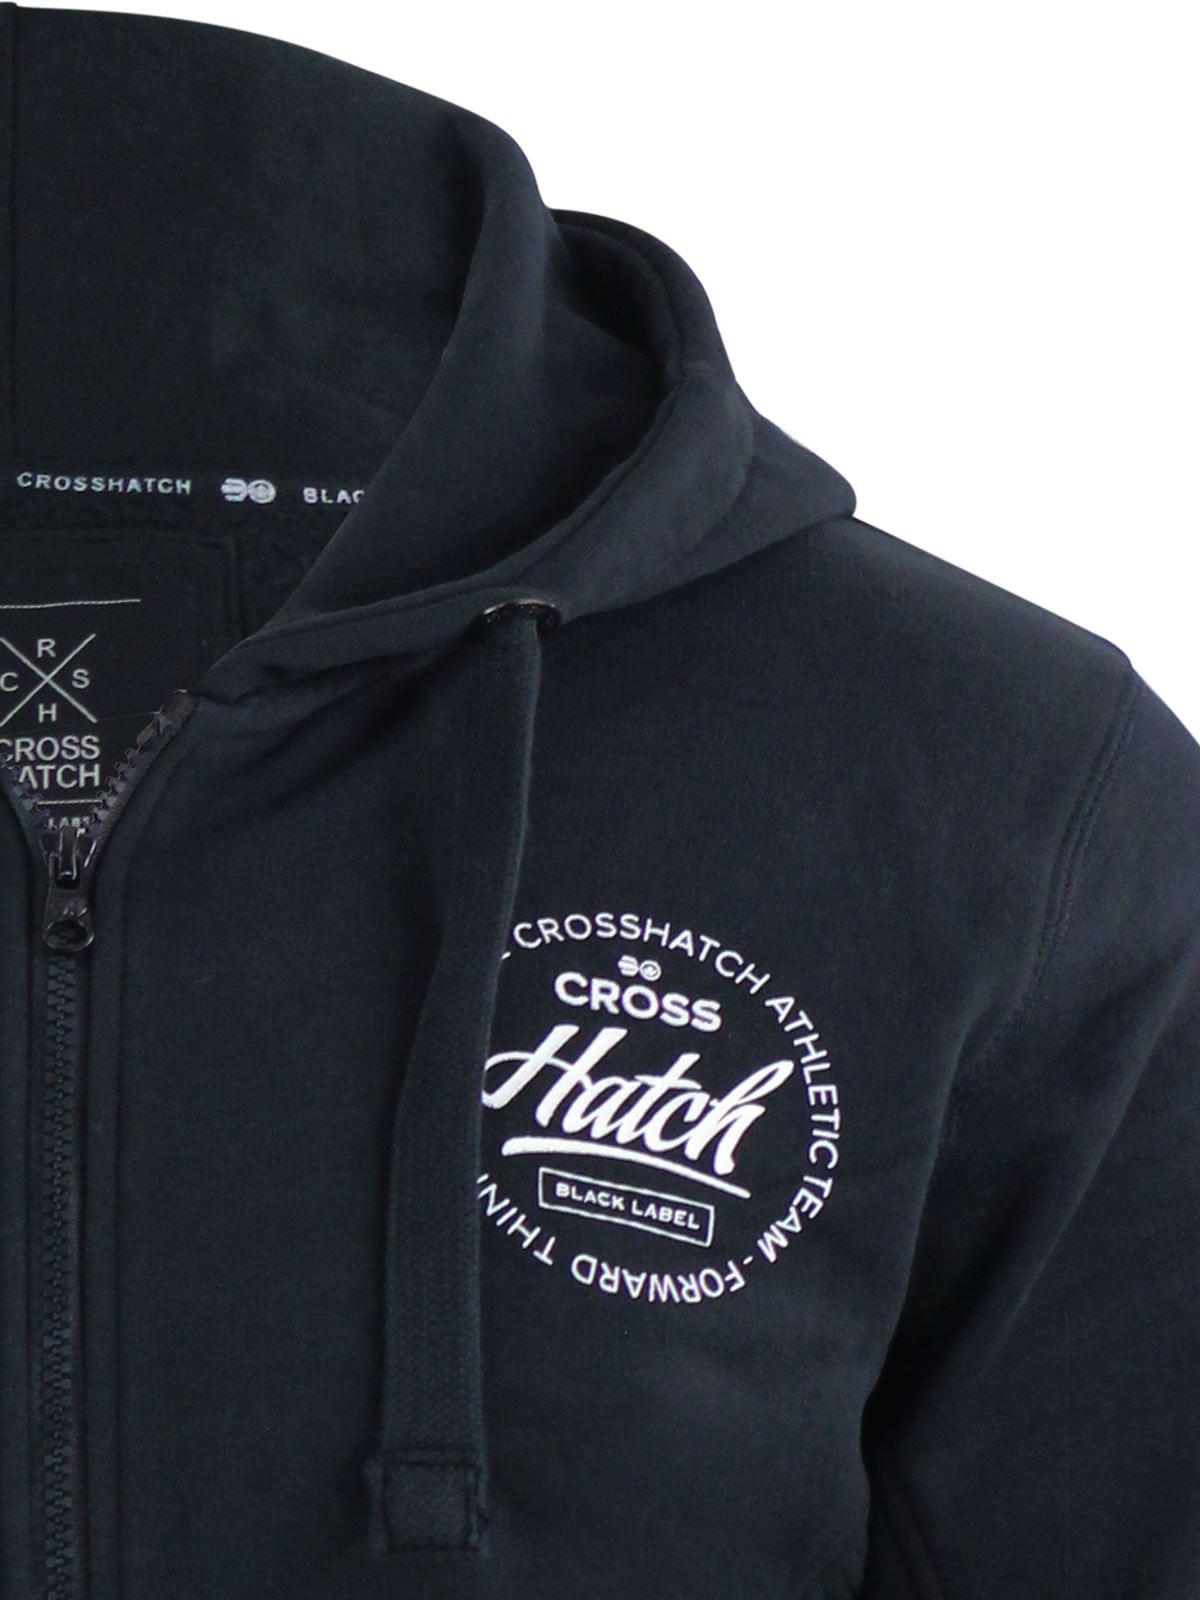 Mens-Hoodie-Crosshatch-Ribbler-Zip-Up-Hooded-Jacket-Pullover-Jumper-Sweatershirt thumbnail 20